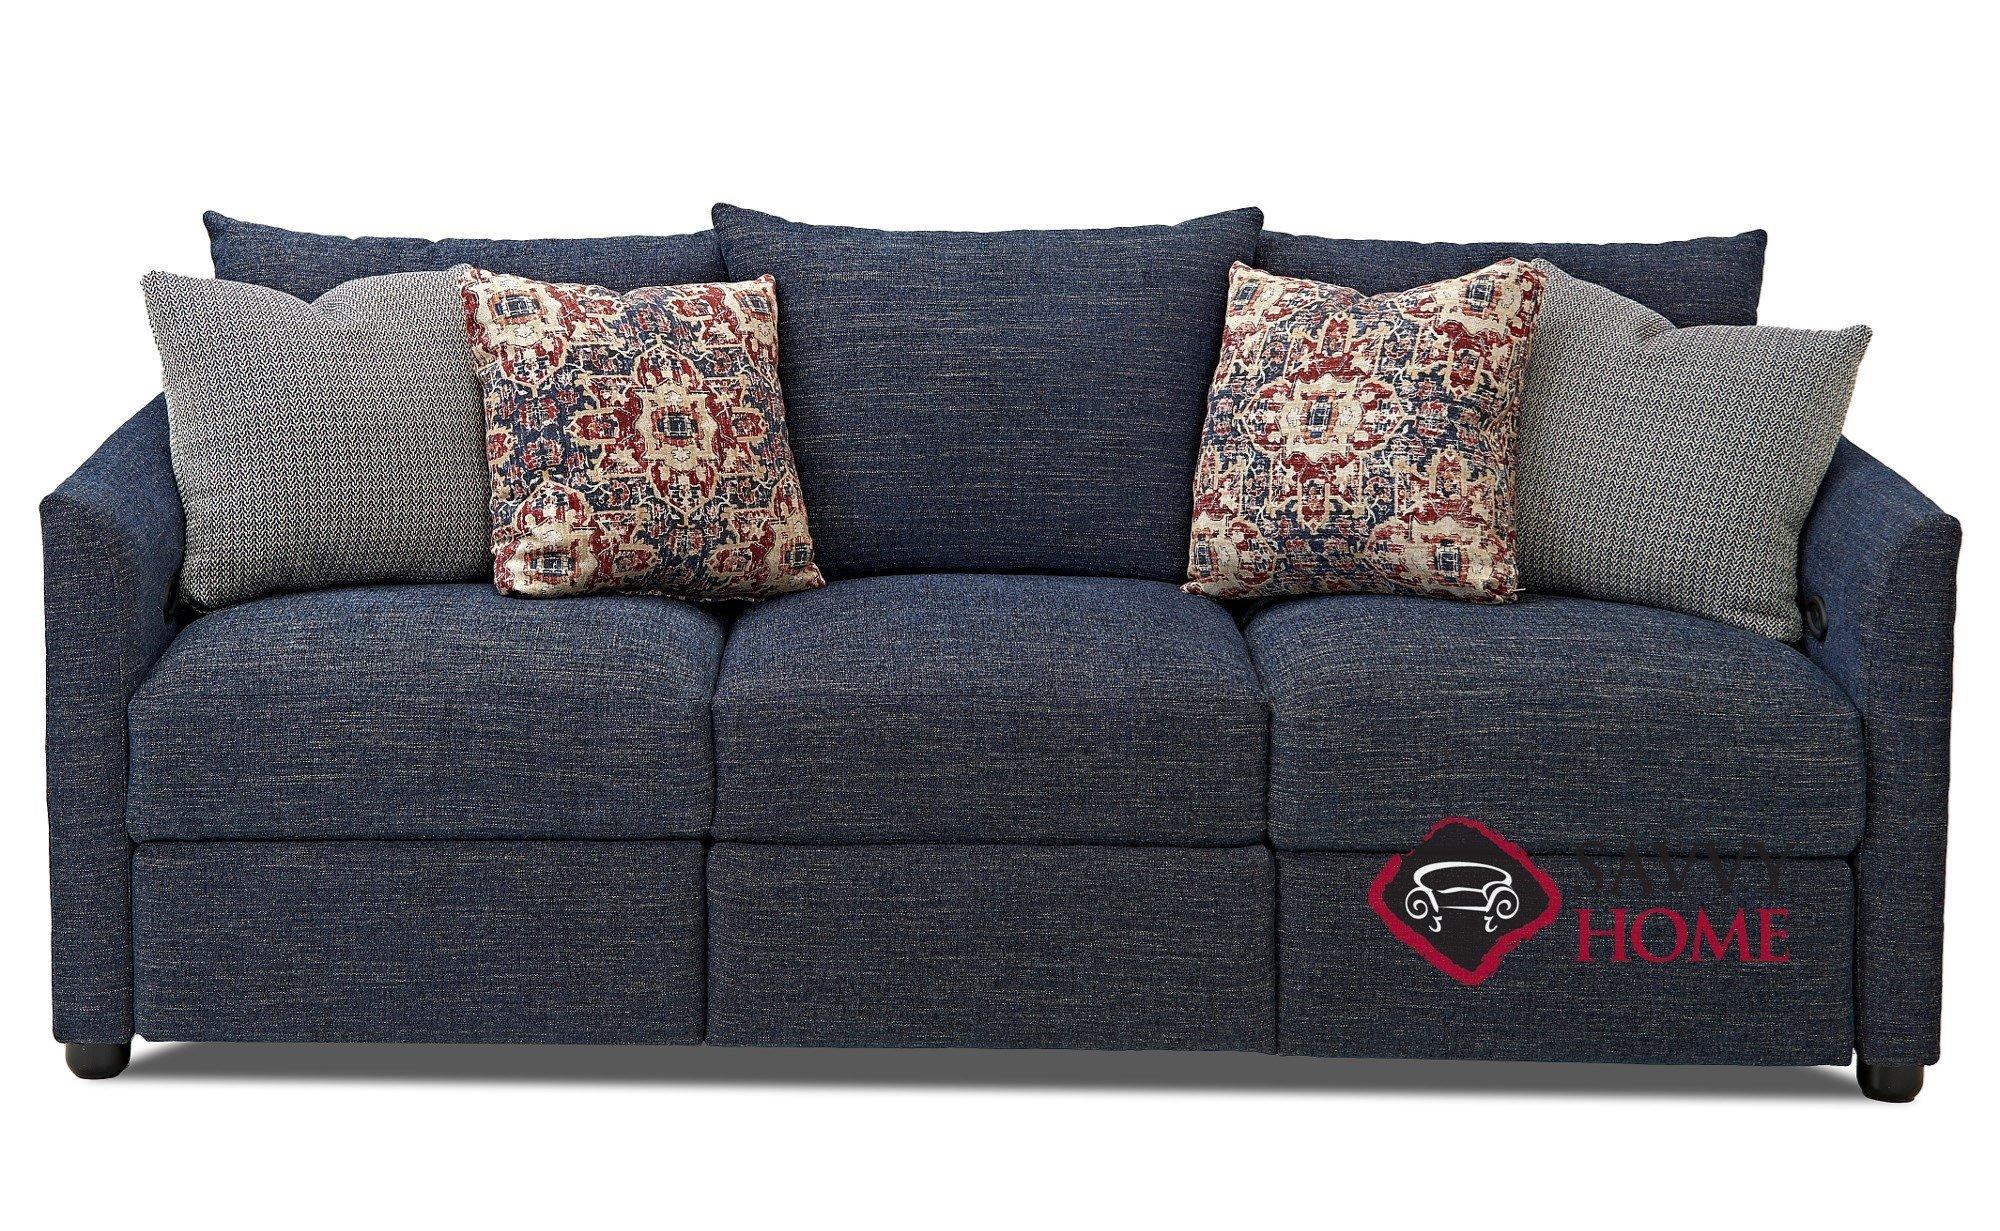 Aventura Fabric Reclining Sofa By Savvy